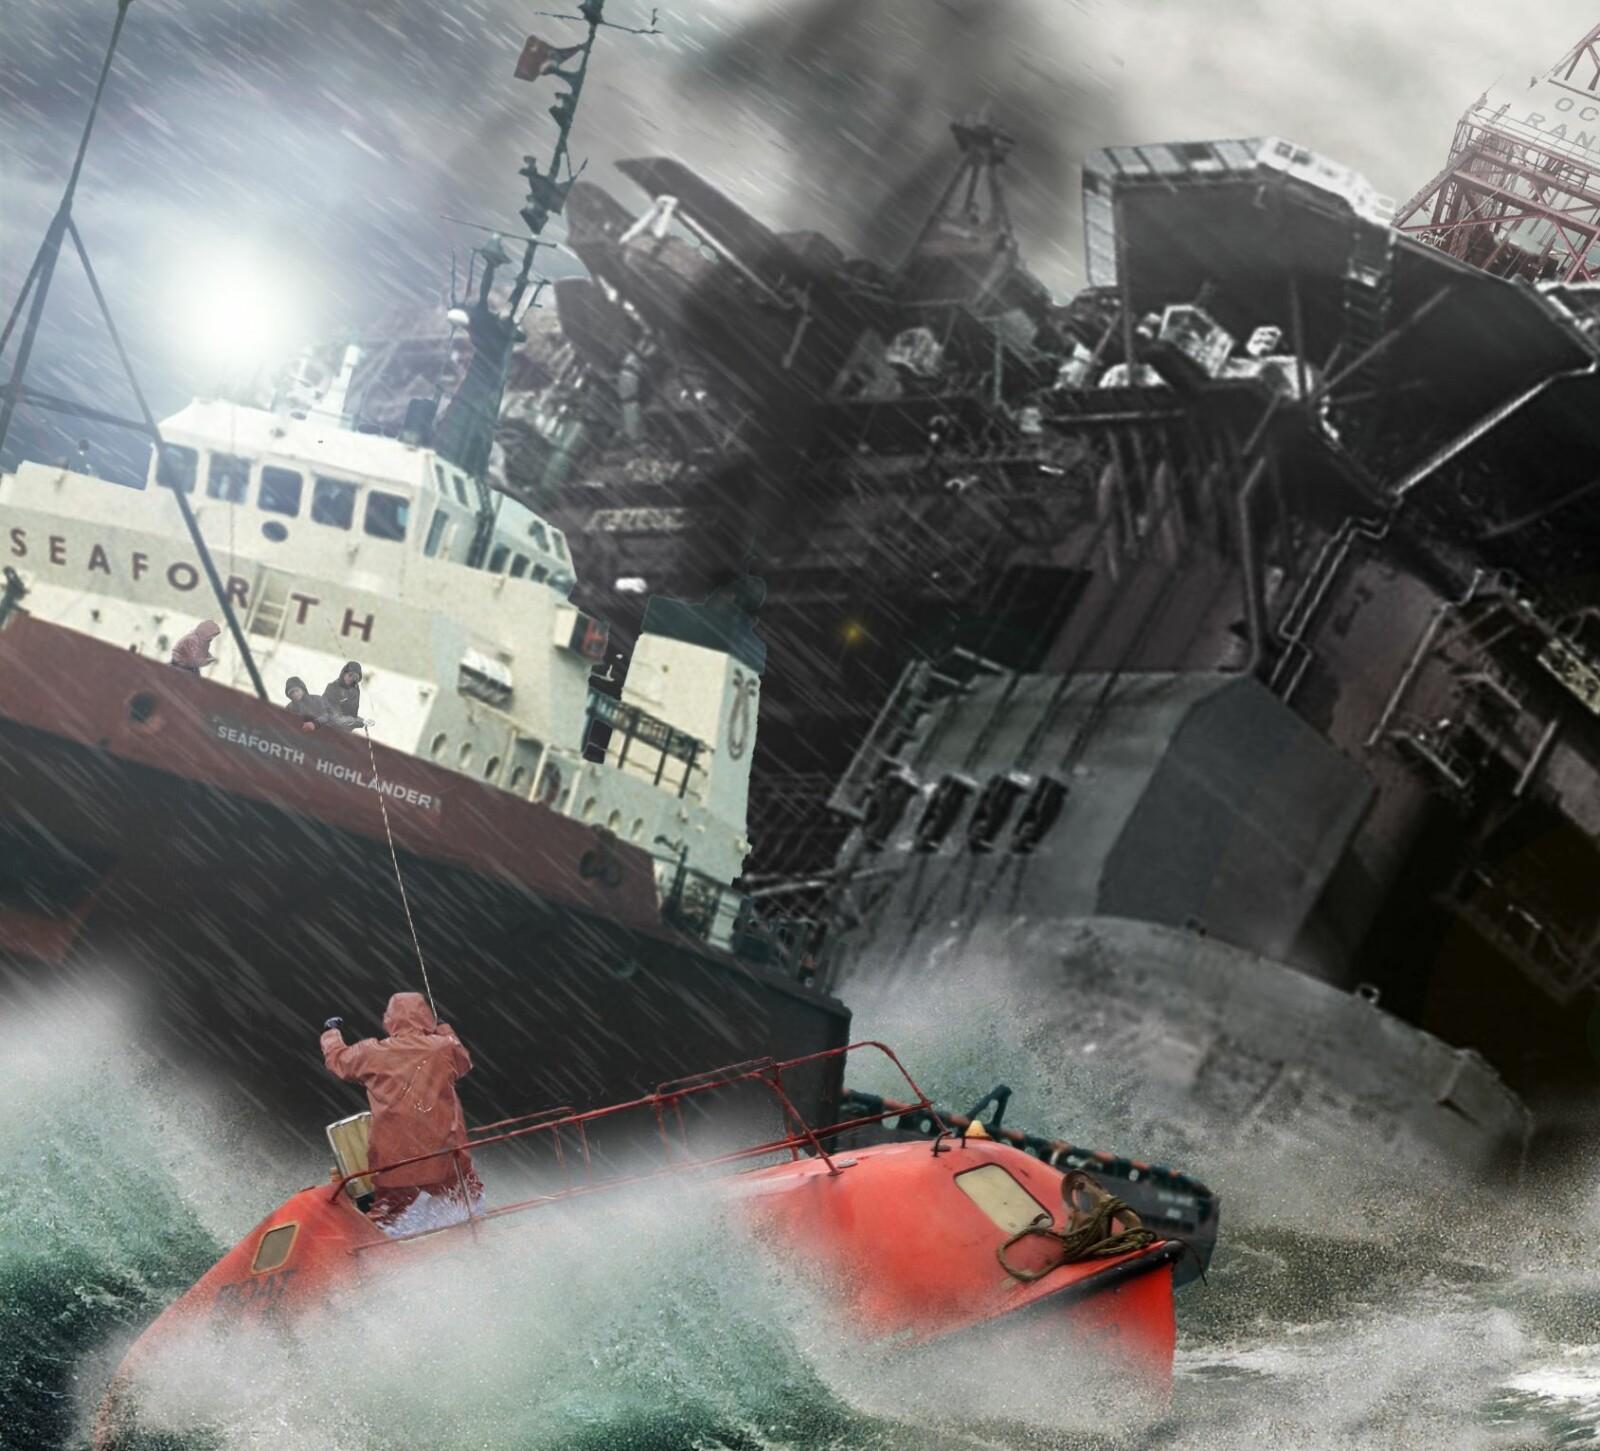 <b>KJEMPET:</b> Mannskapet på supplyskipet Seaforth Higlander forsøker å redde mannskap fra livbåten de satt i.